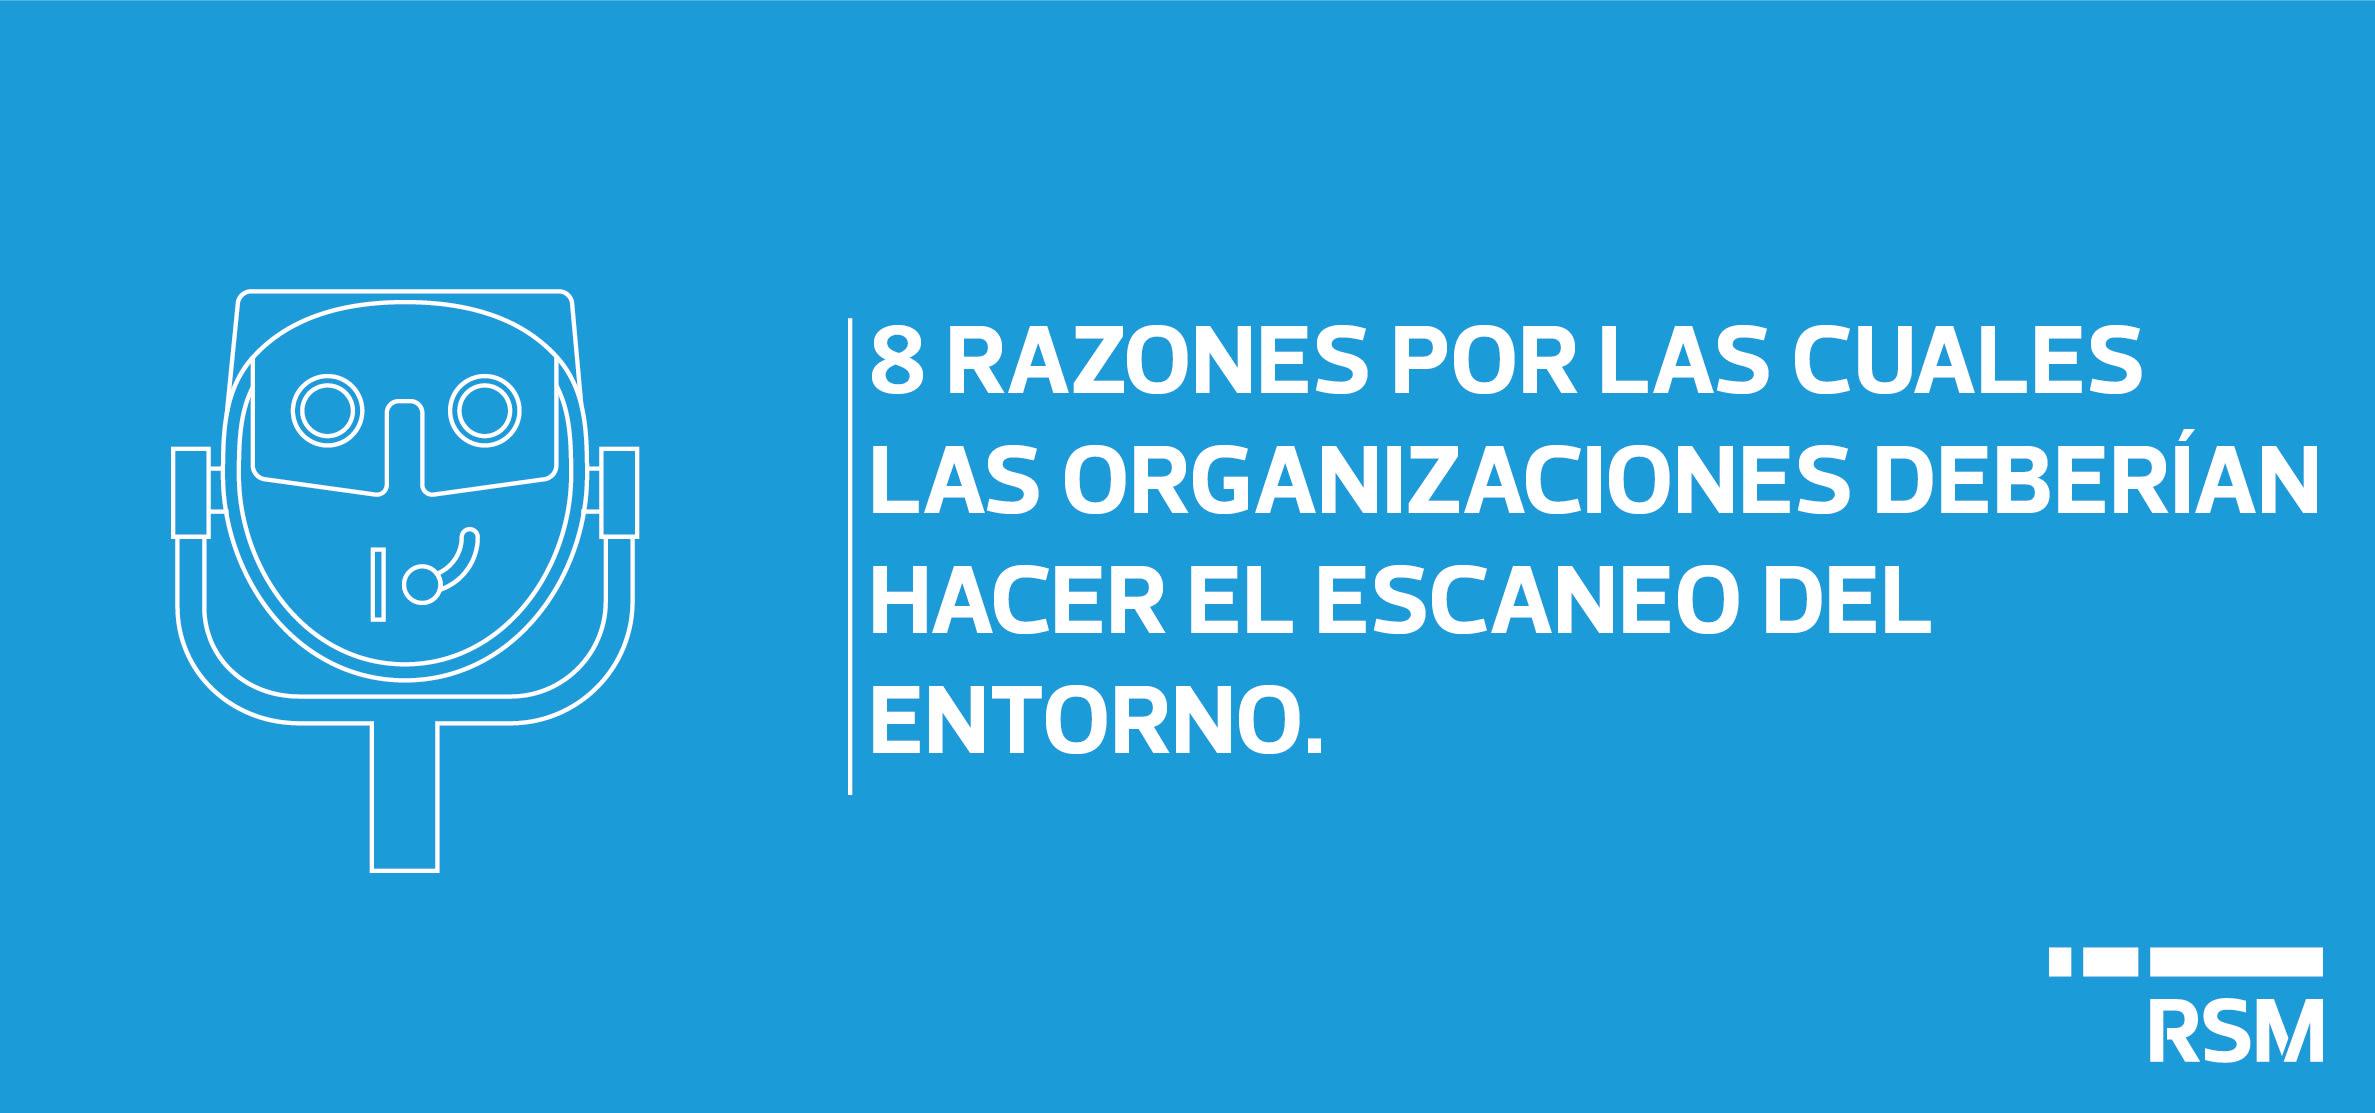 public://media/Lineas_negocio/consultoria/Insights/IMG/miniaturas_pagina_web_blogs_mesa_de_trabajo_1-09.jpg